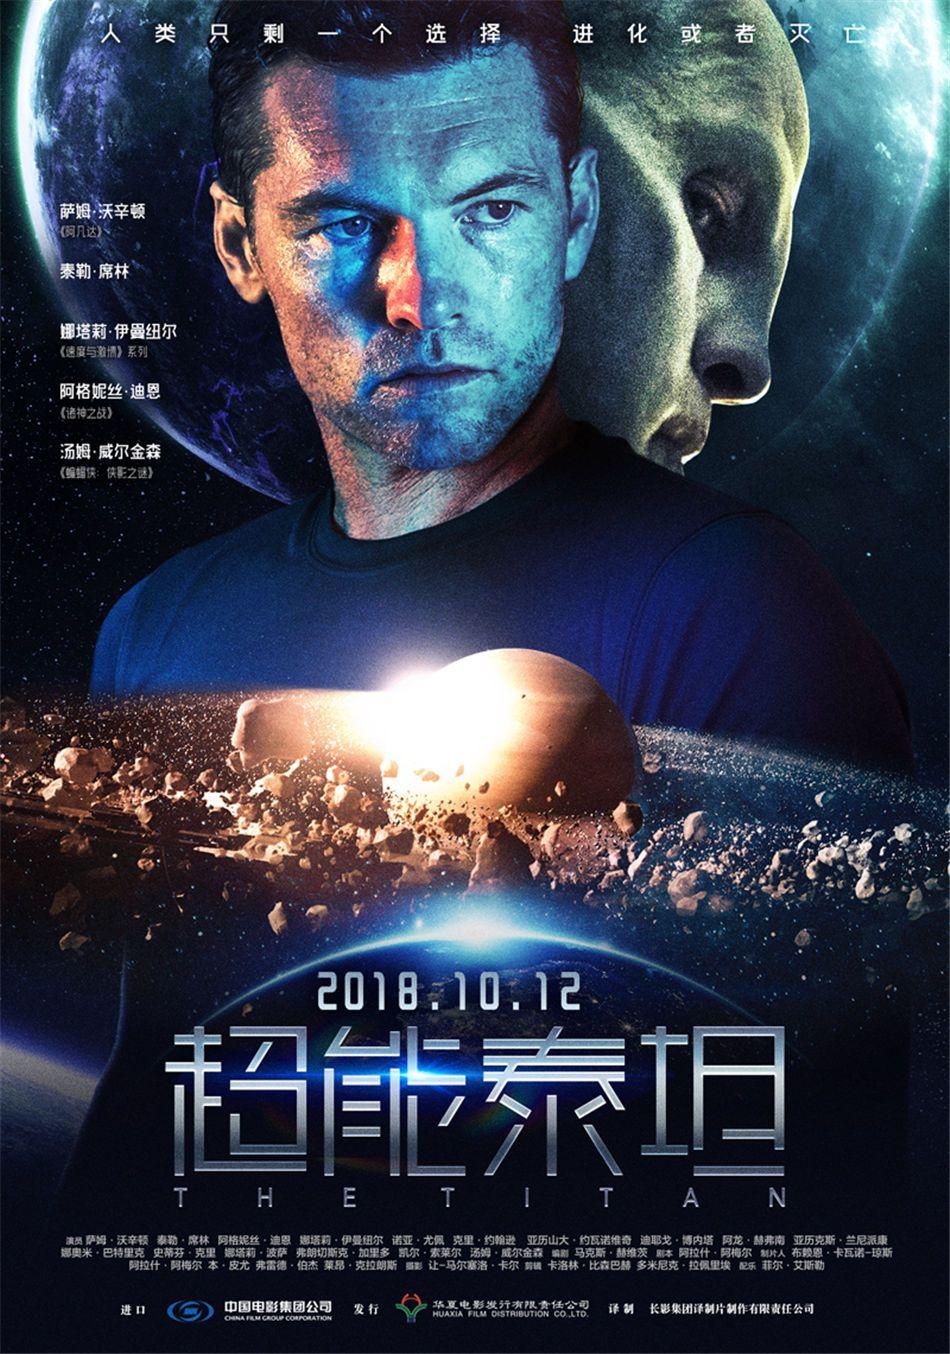 《超能泰坦》内地定档10.12发海报 泰坦人显露真容